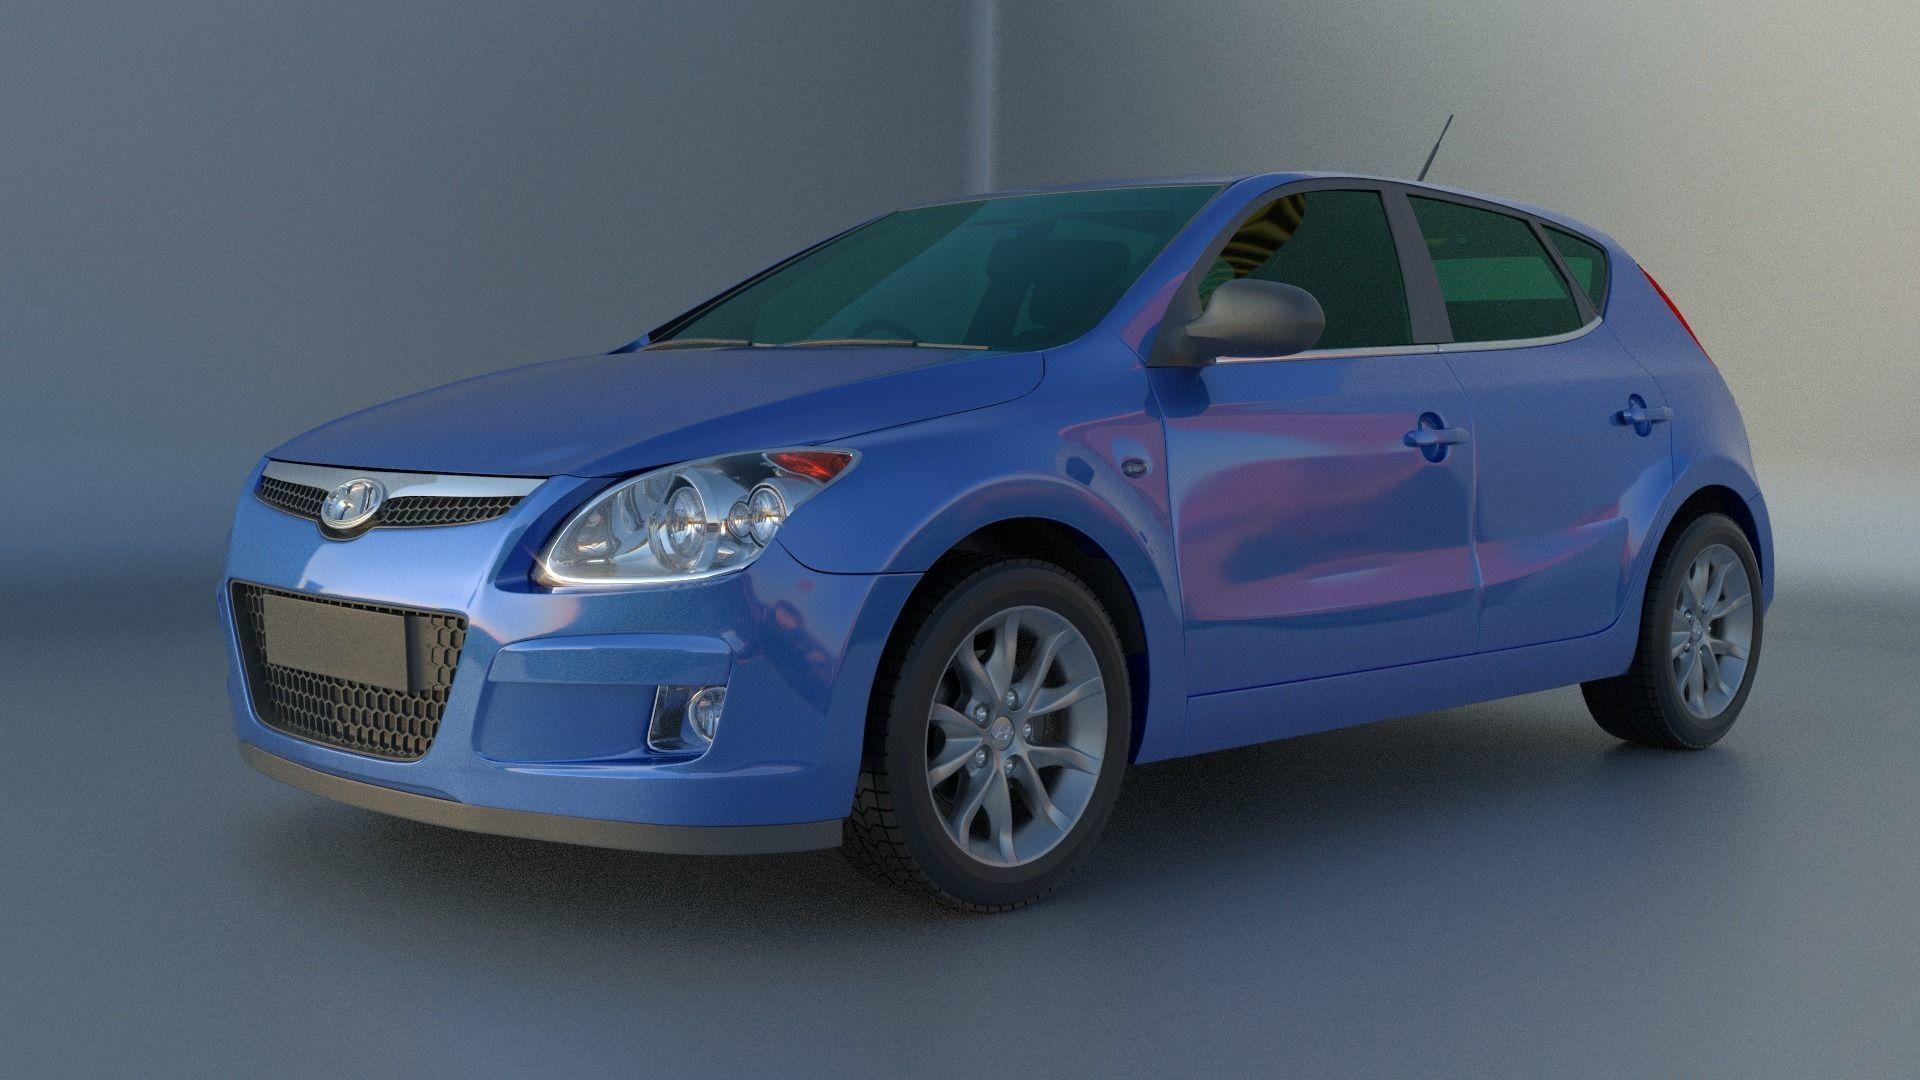 3D Hyundai i30 model